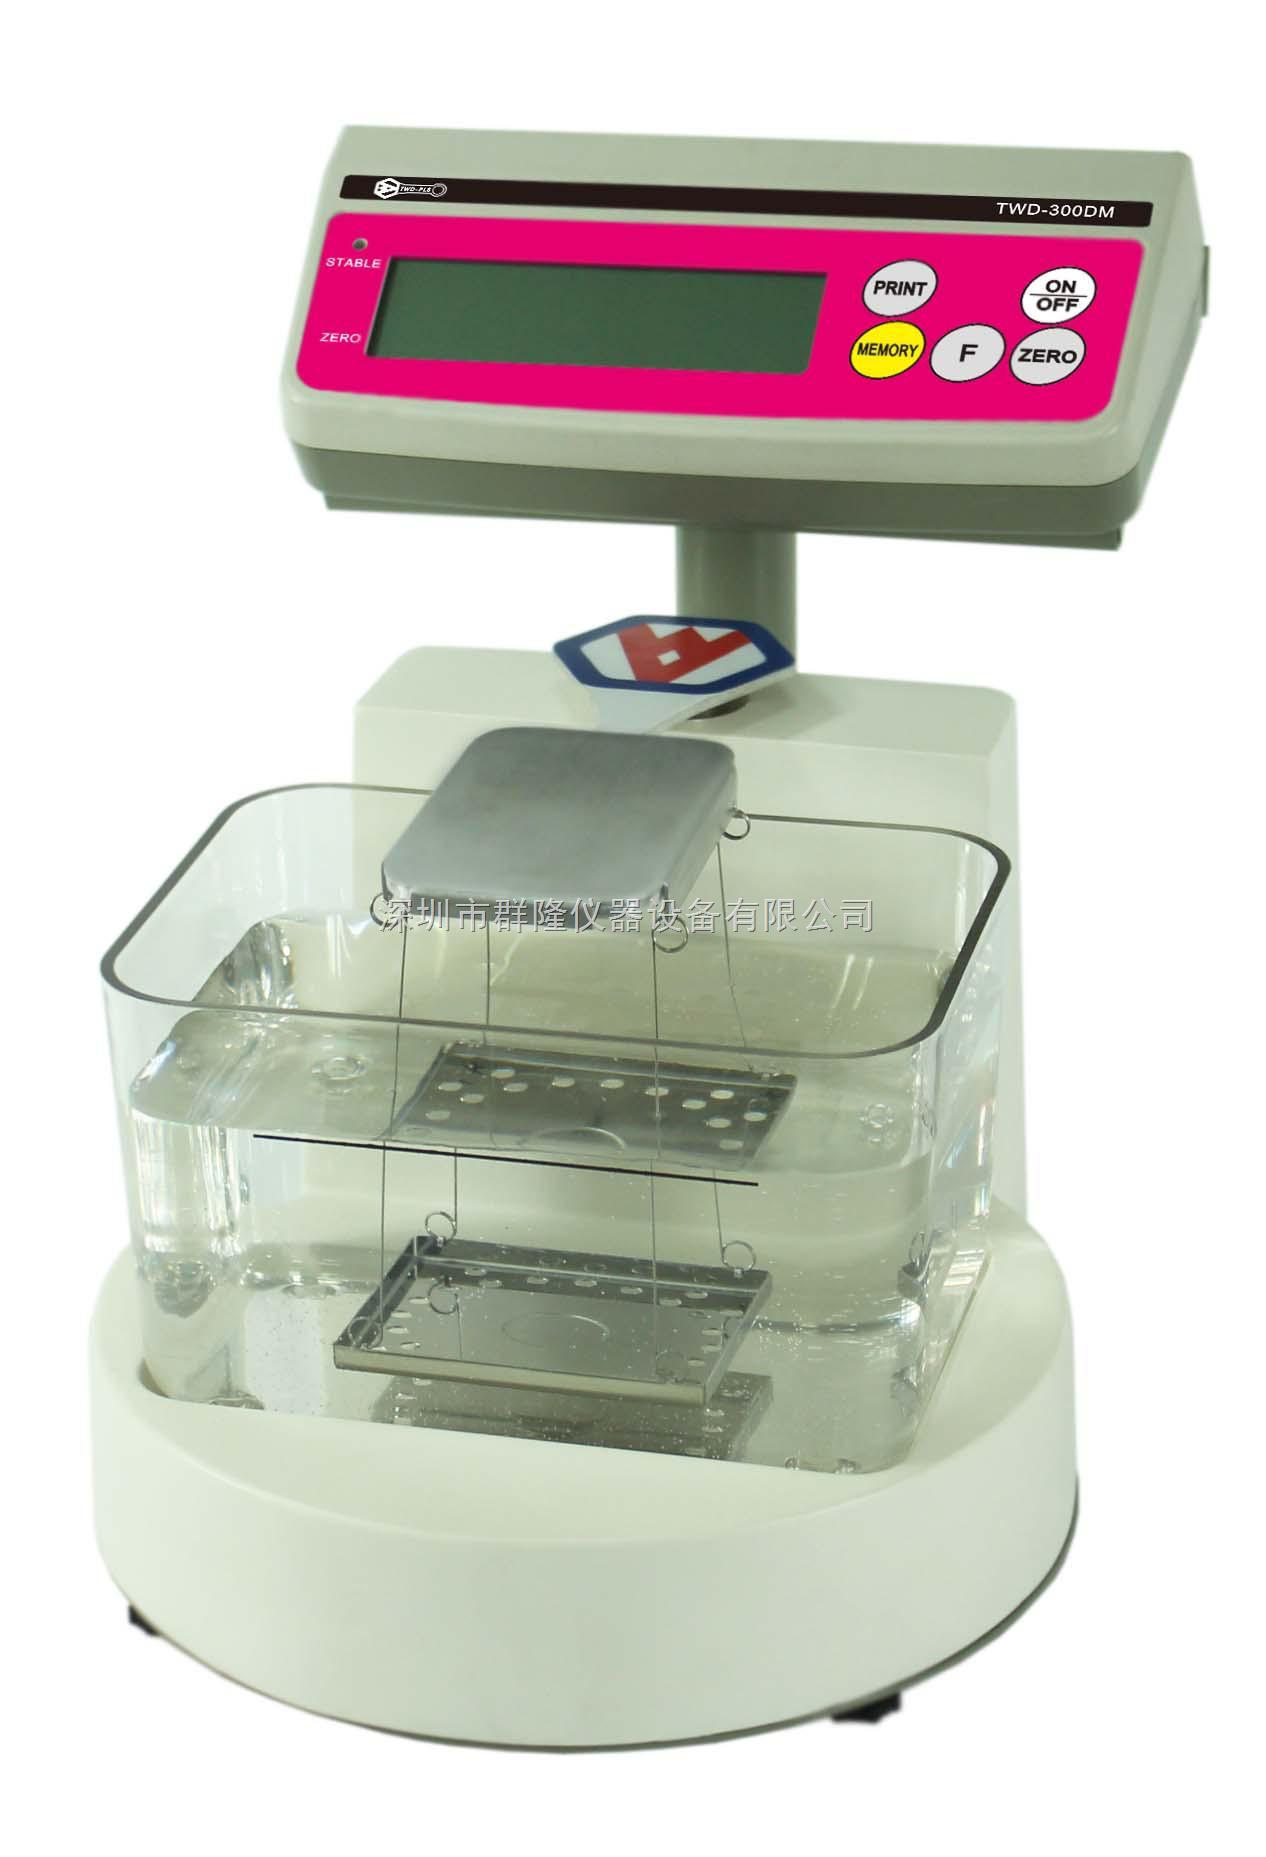 致密性固体材料密度测试仪MZ-150DM/300DM